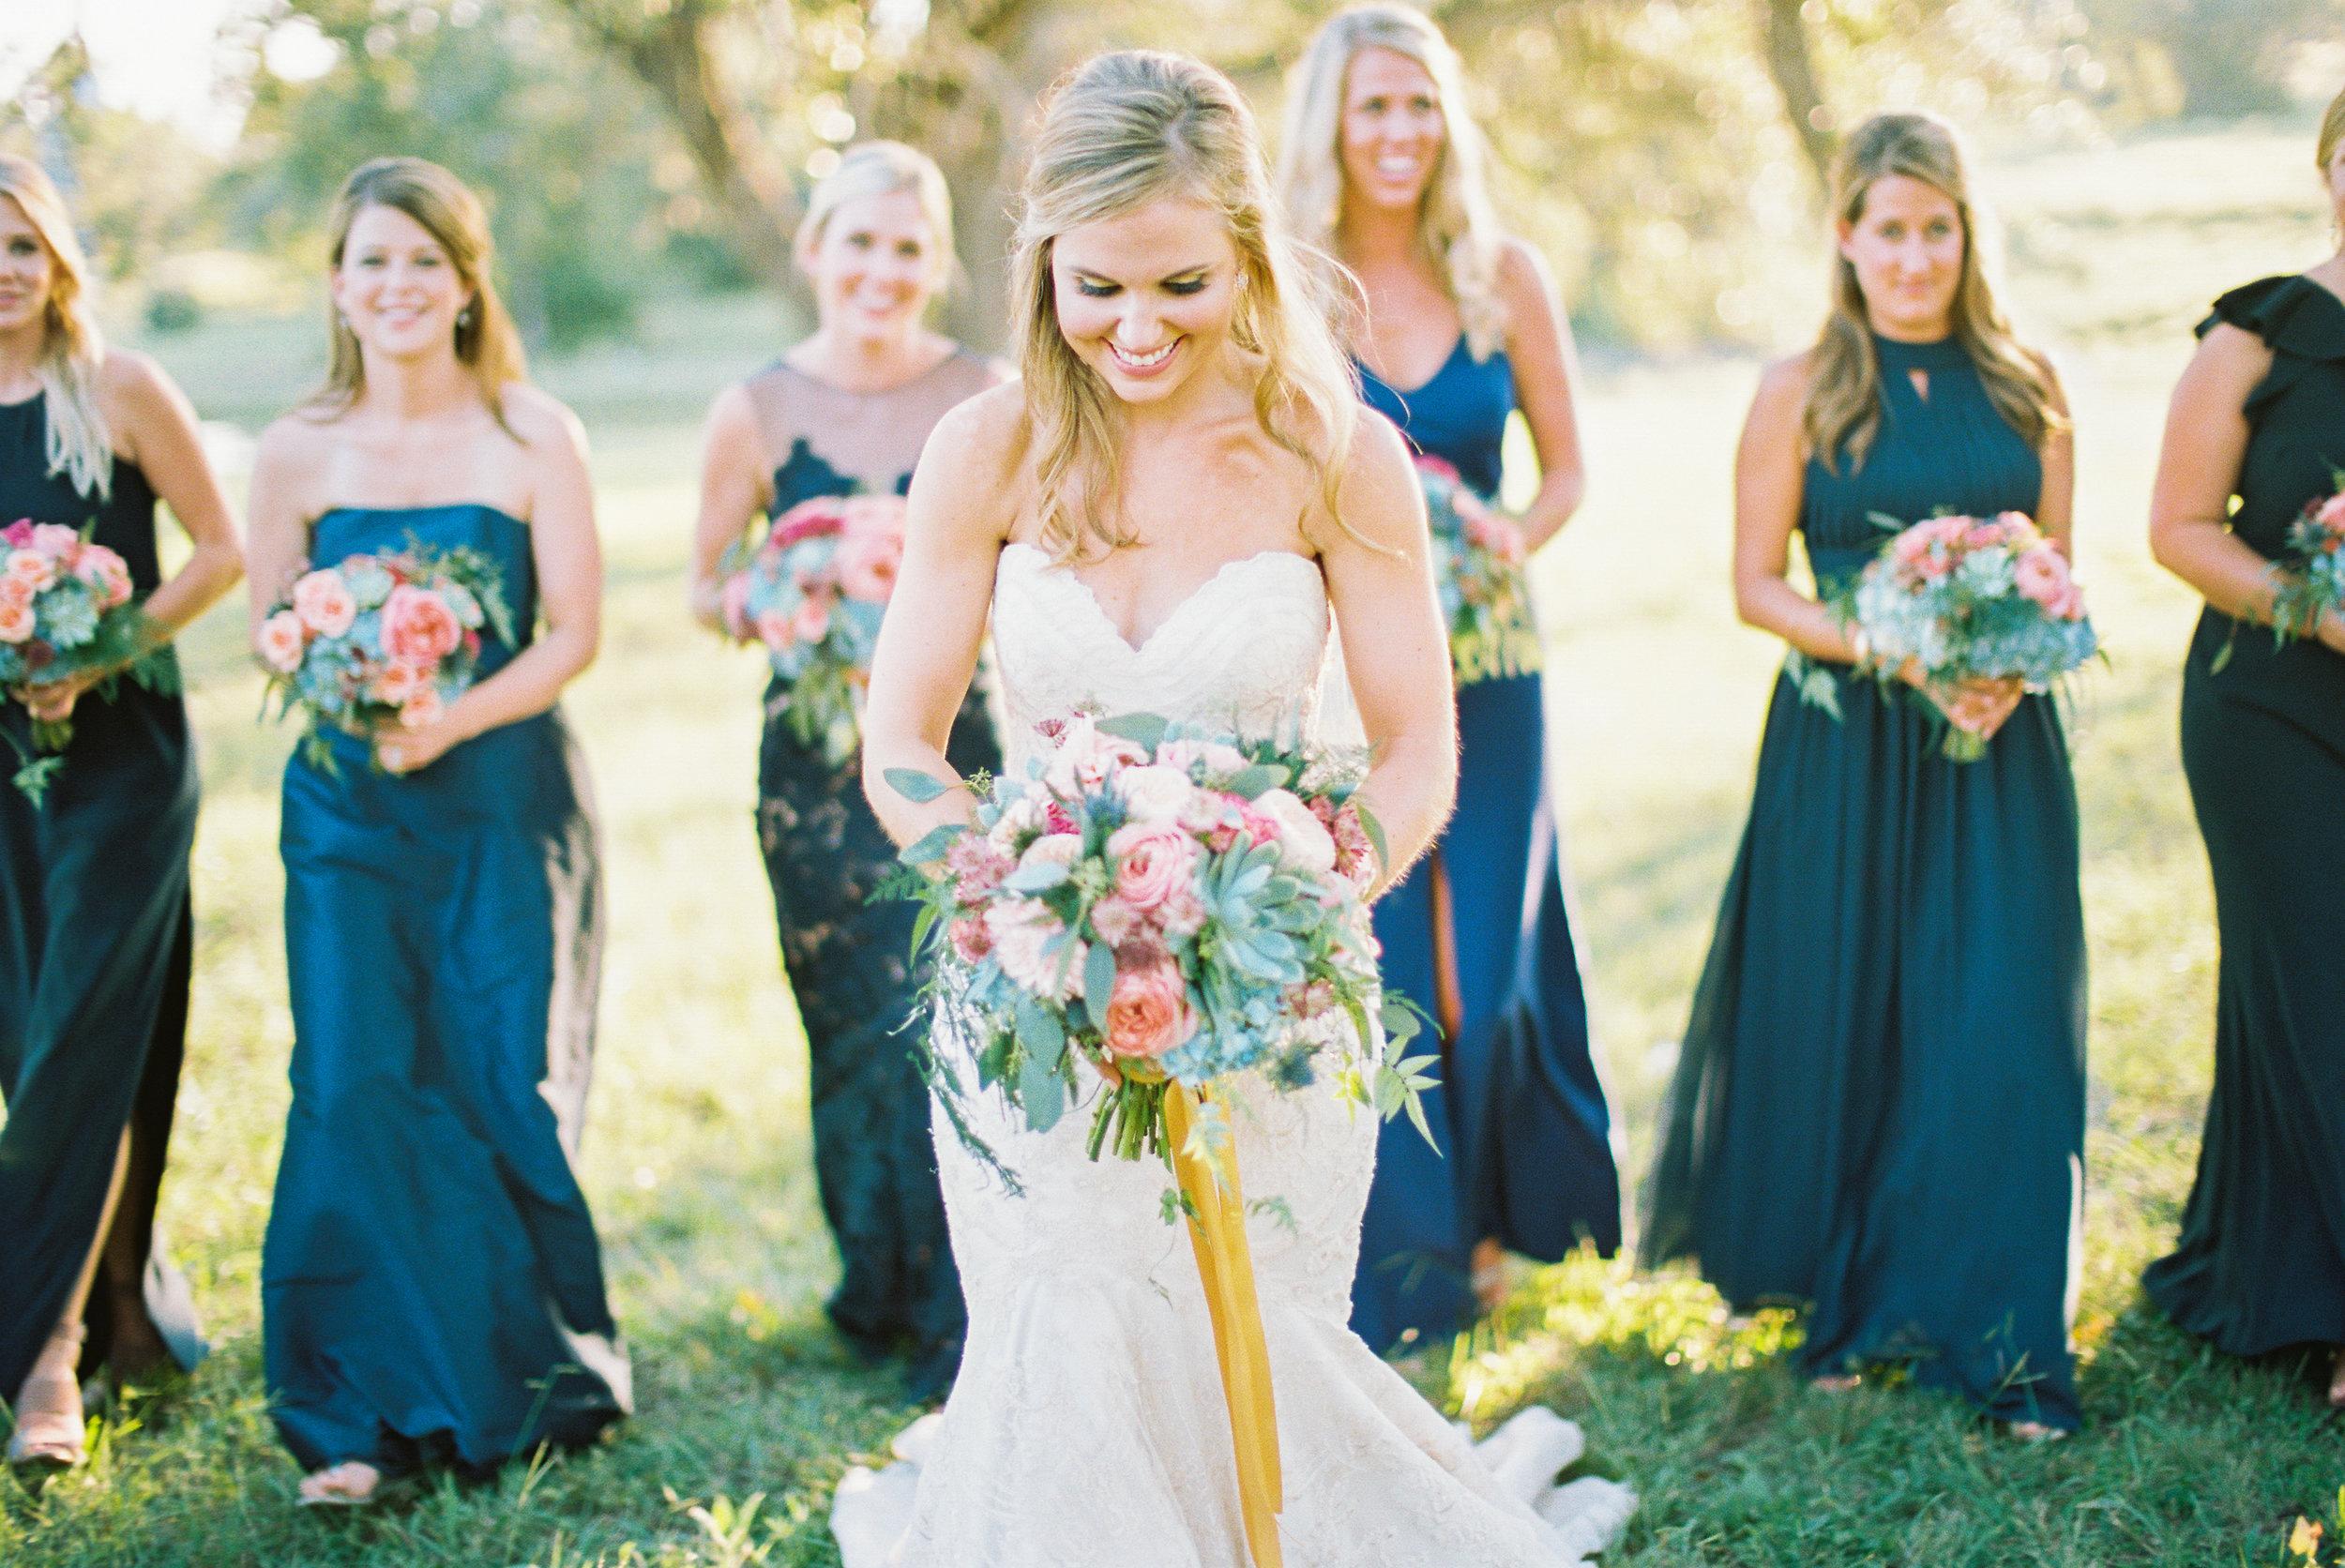 brokke-josh-wedding-98 copy.jpg